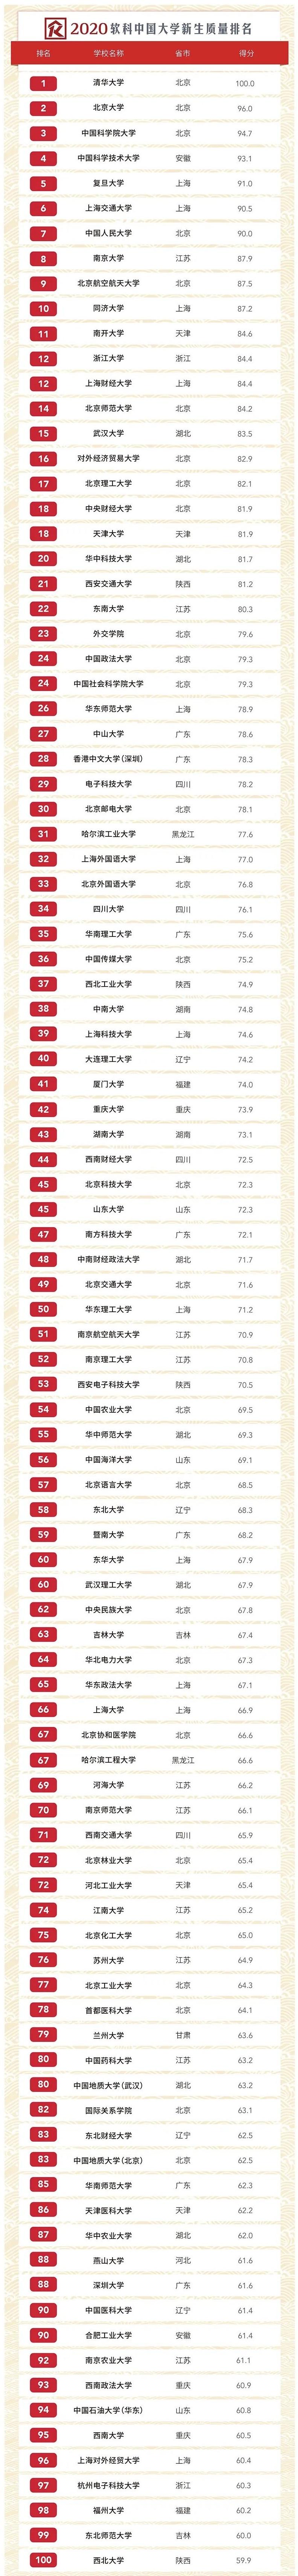 2020软科中国大学新生质量排名出炉